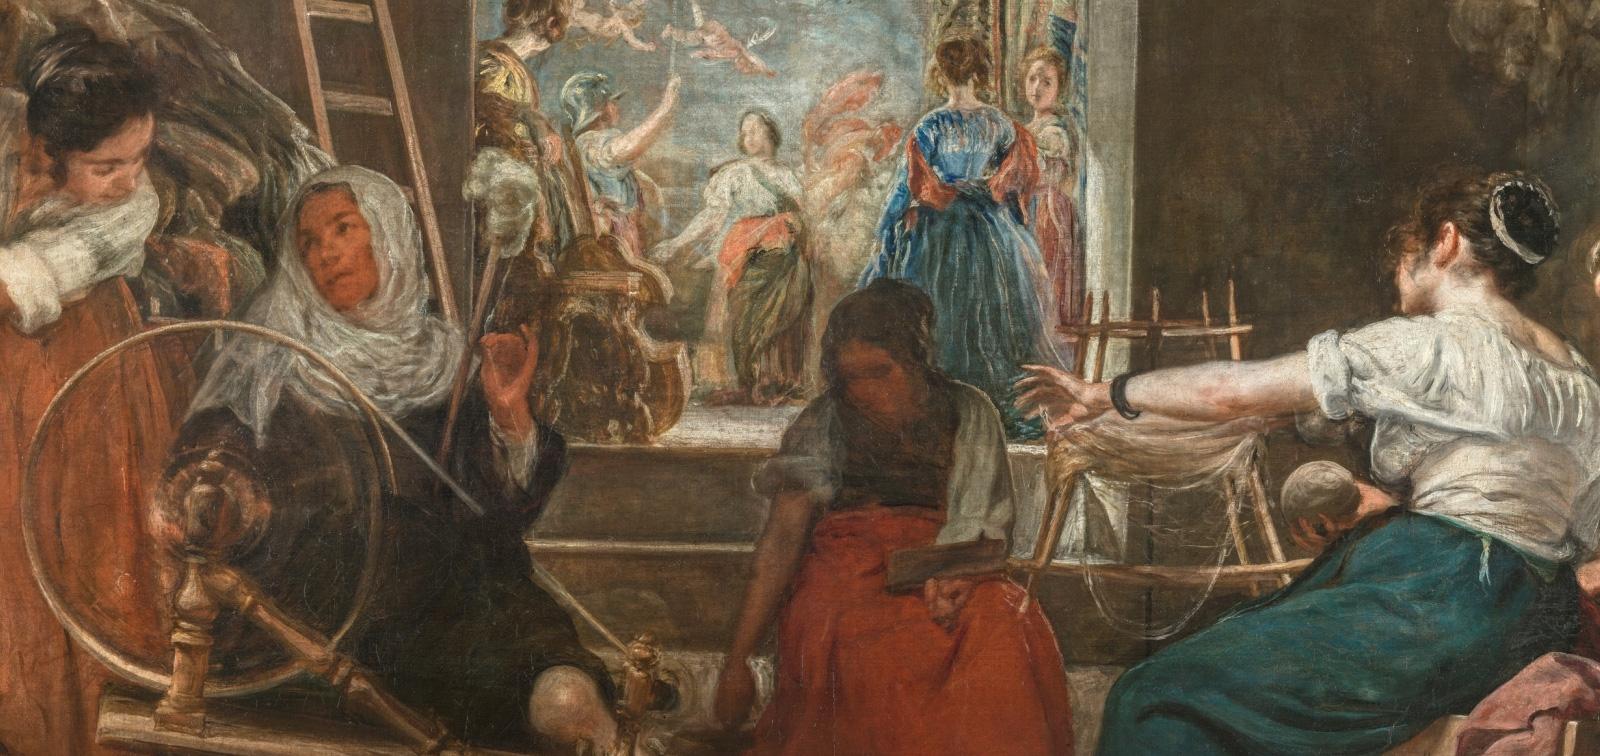 Pintura mitológica: experimentación y libertad artística